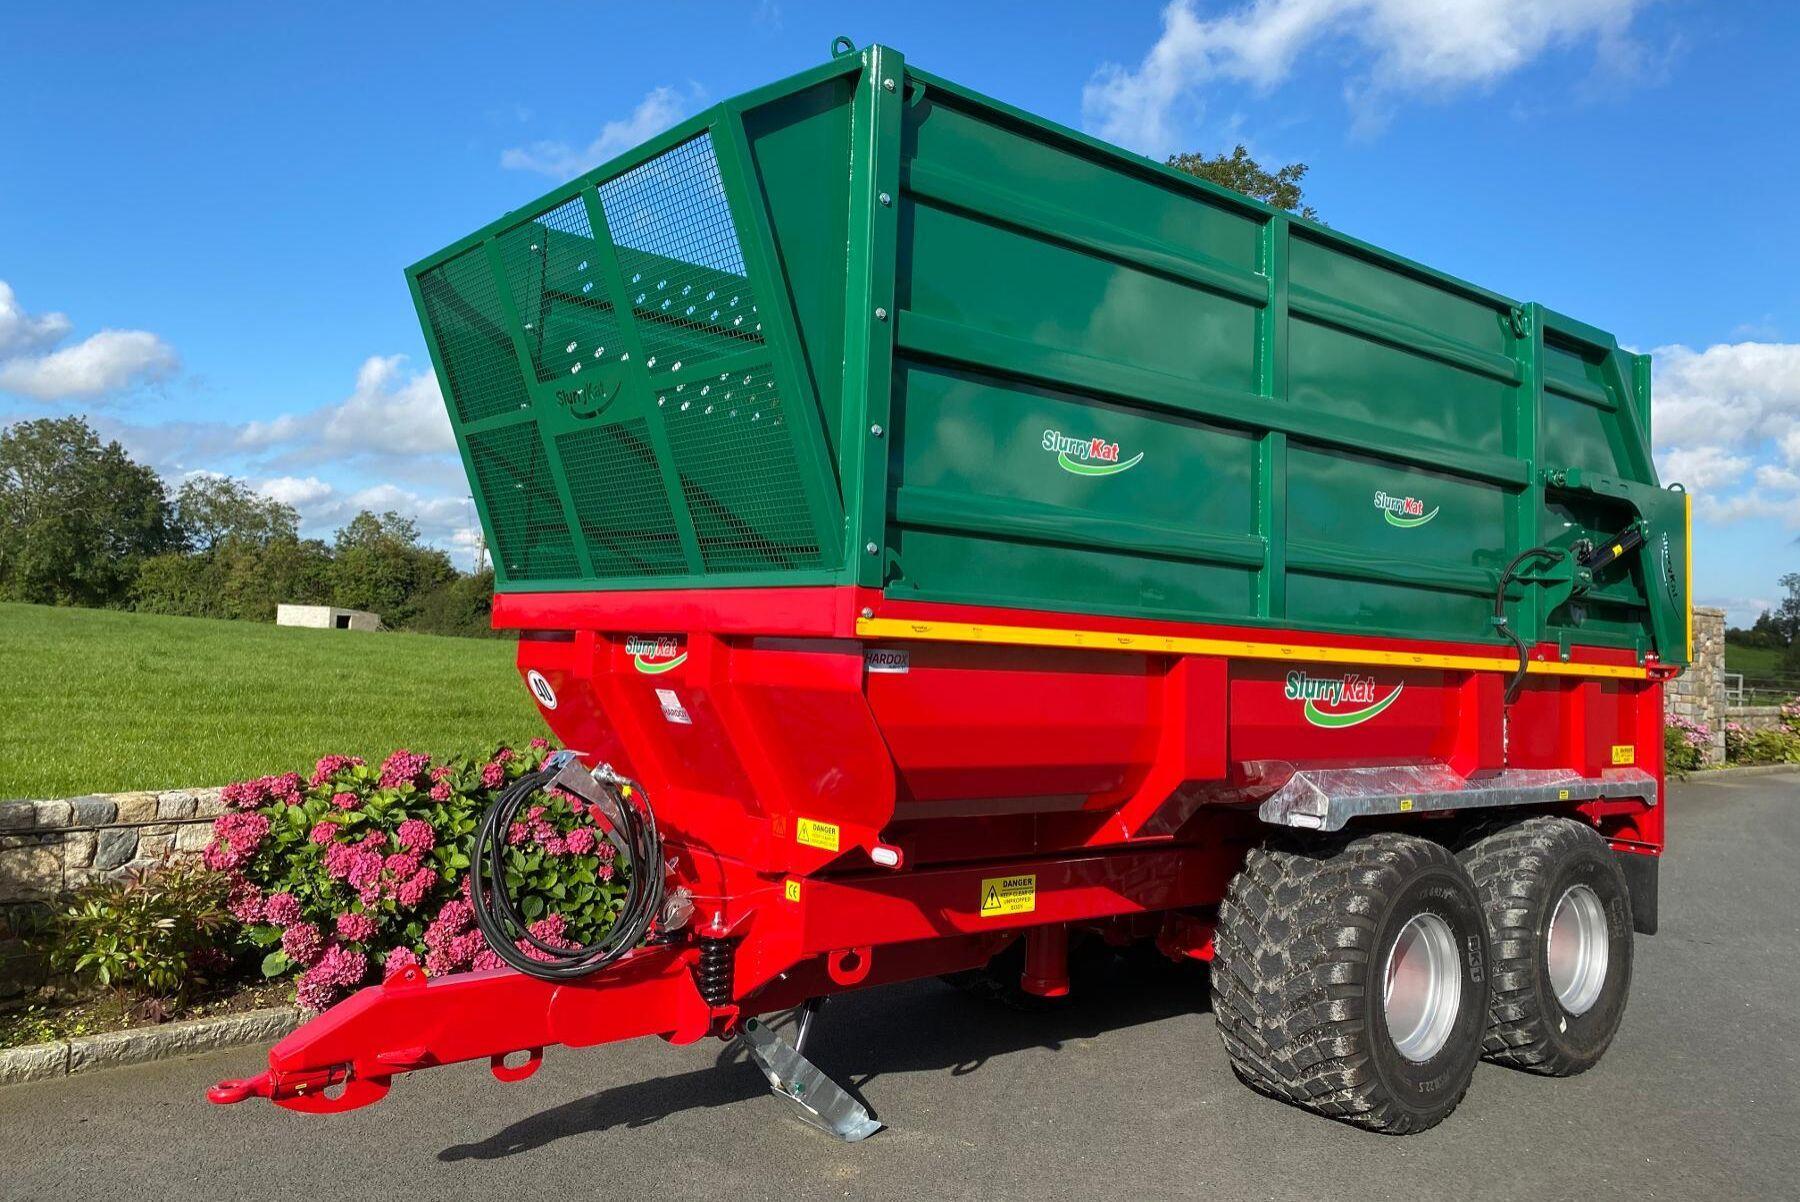 Kombinerad dumpervagn och foderkärra.